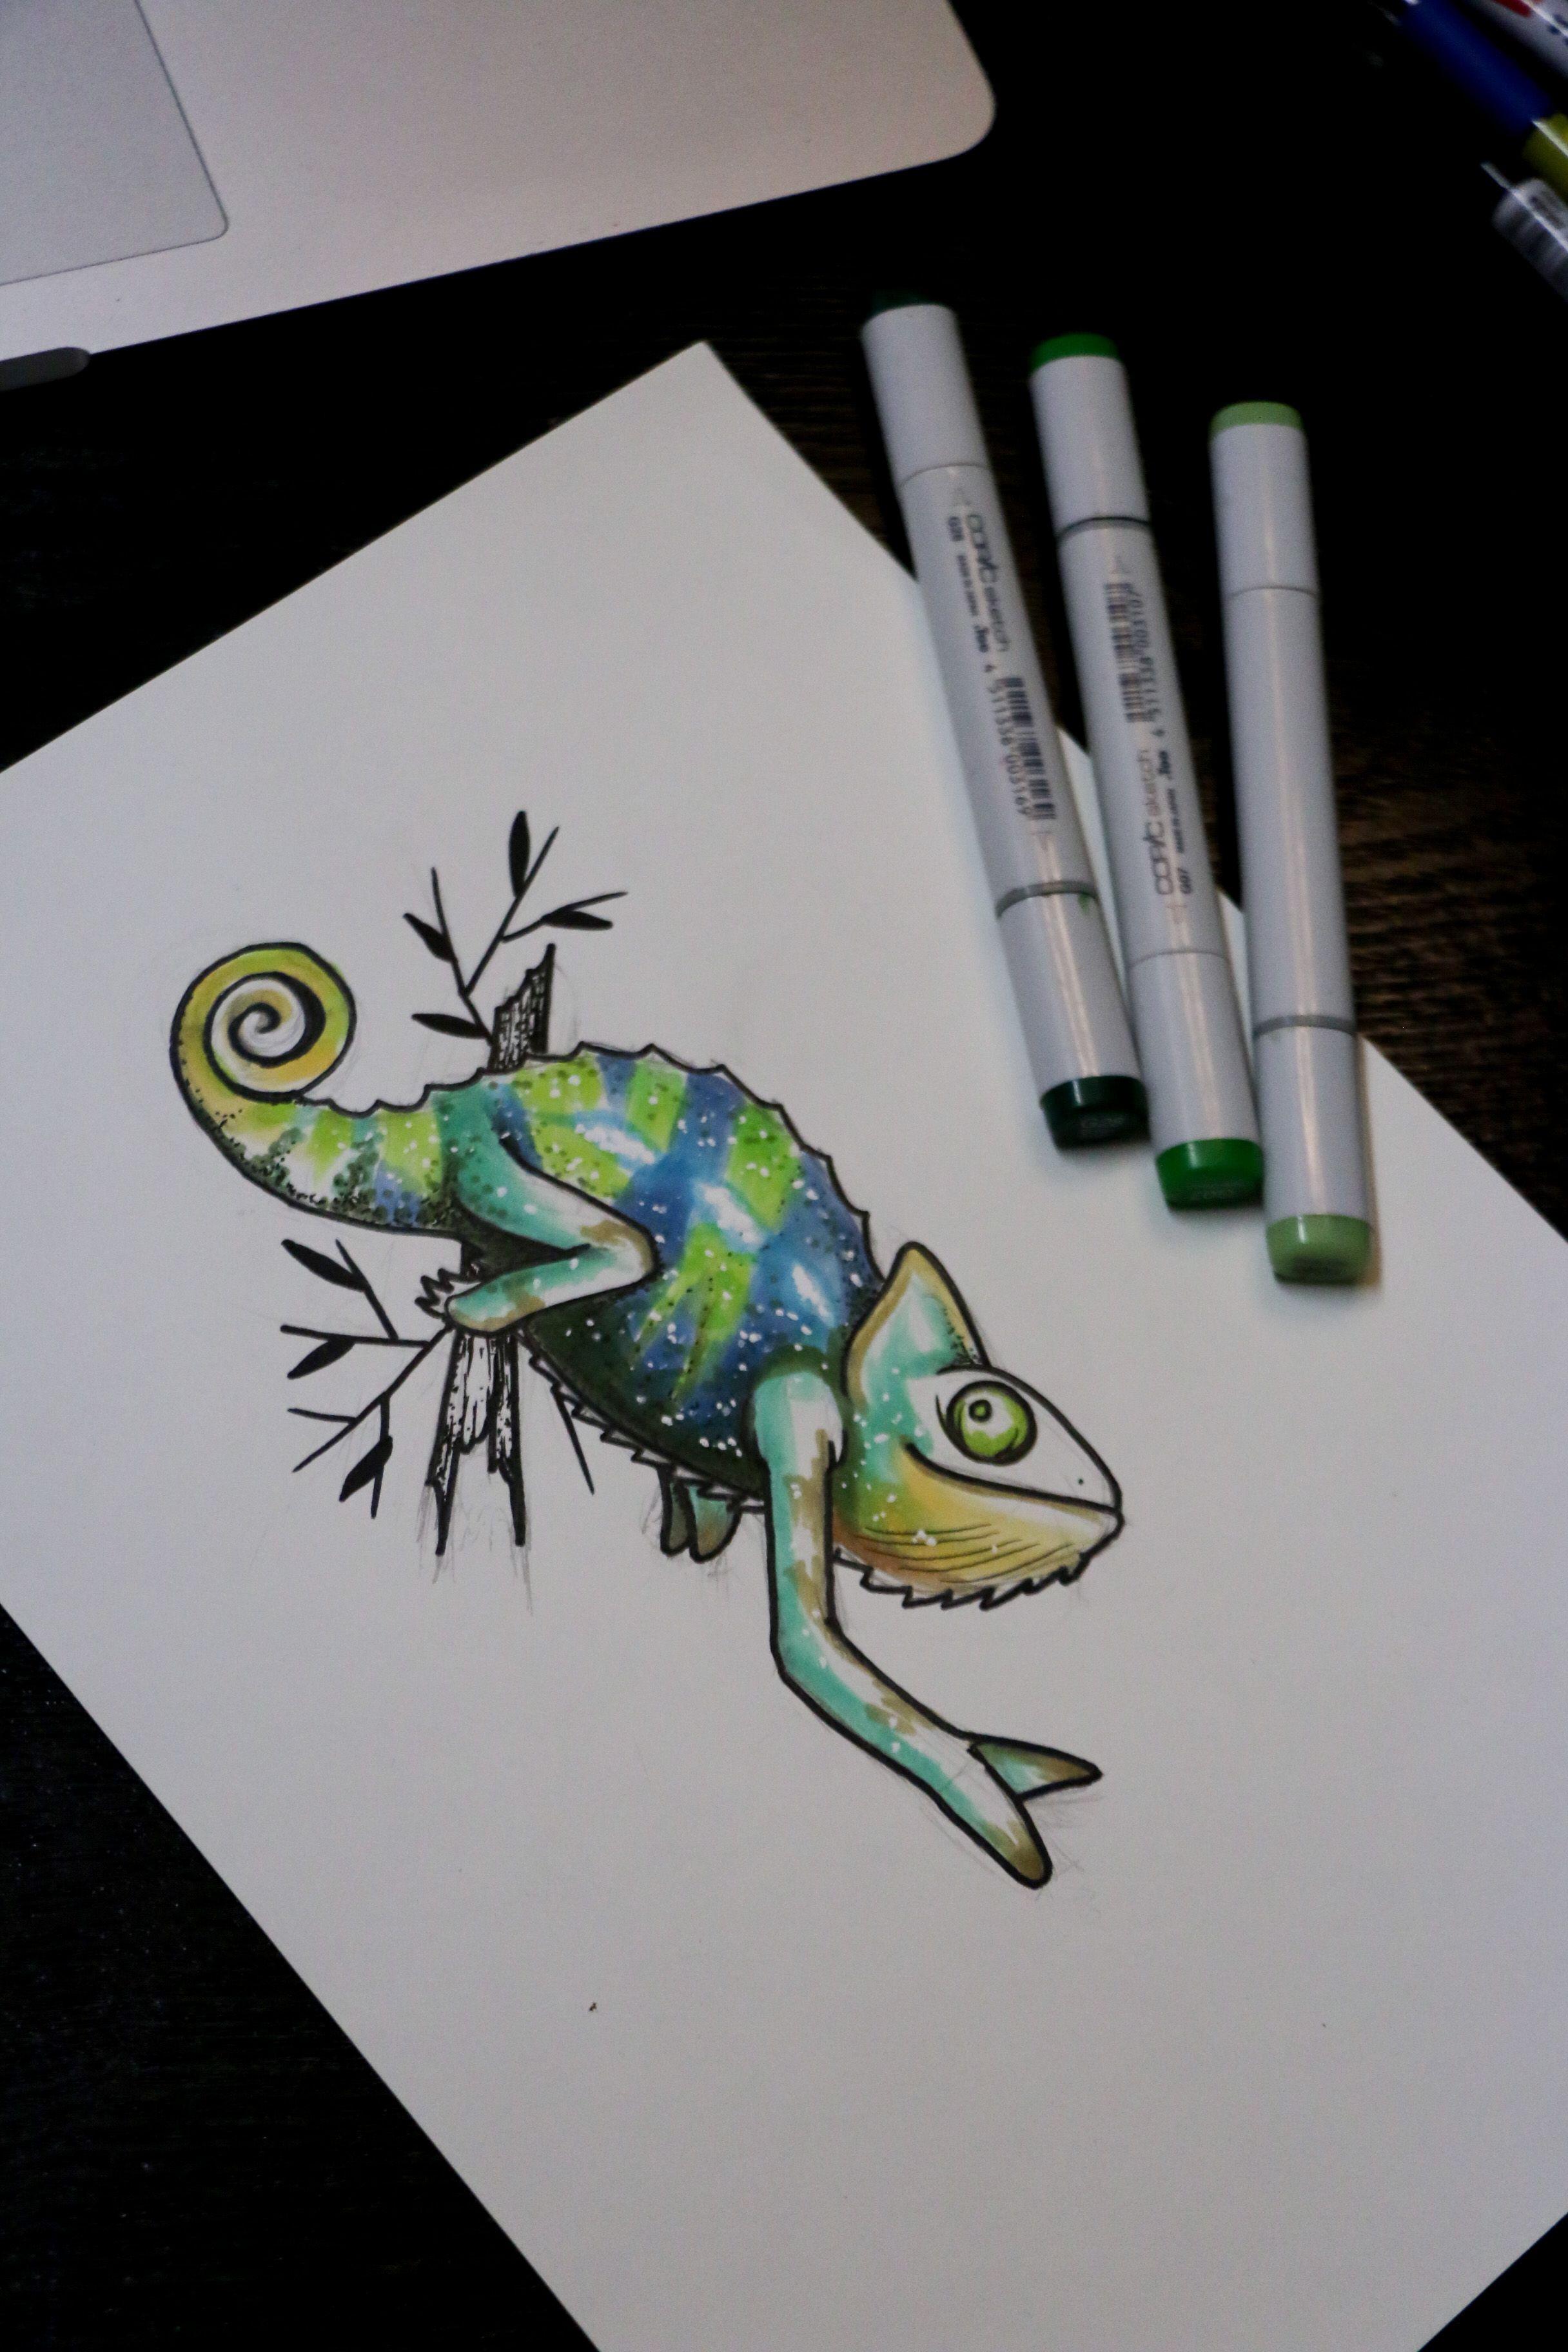 chameleon design my illustration of design